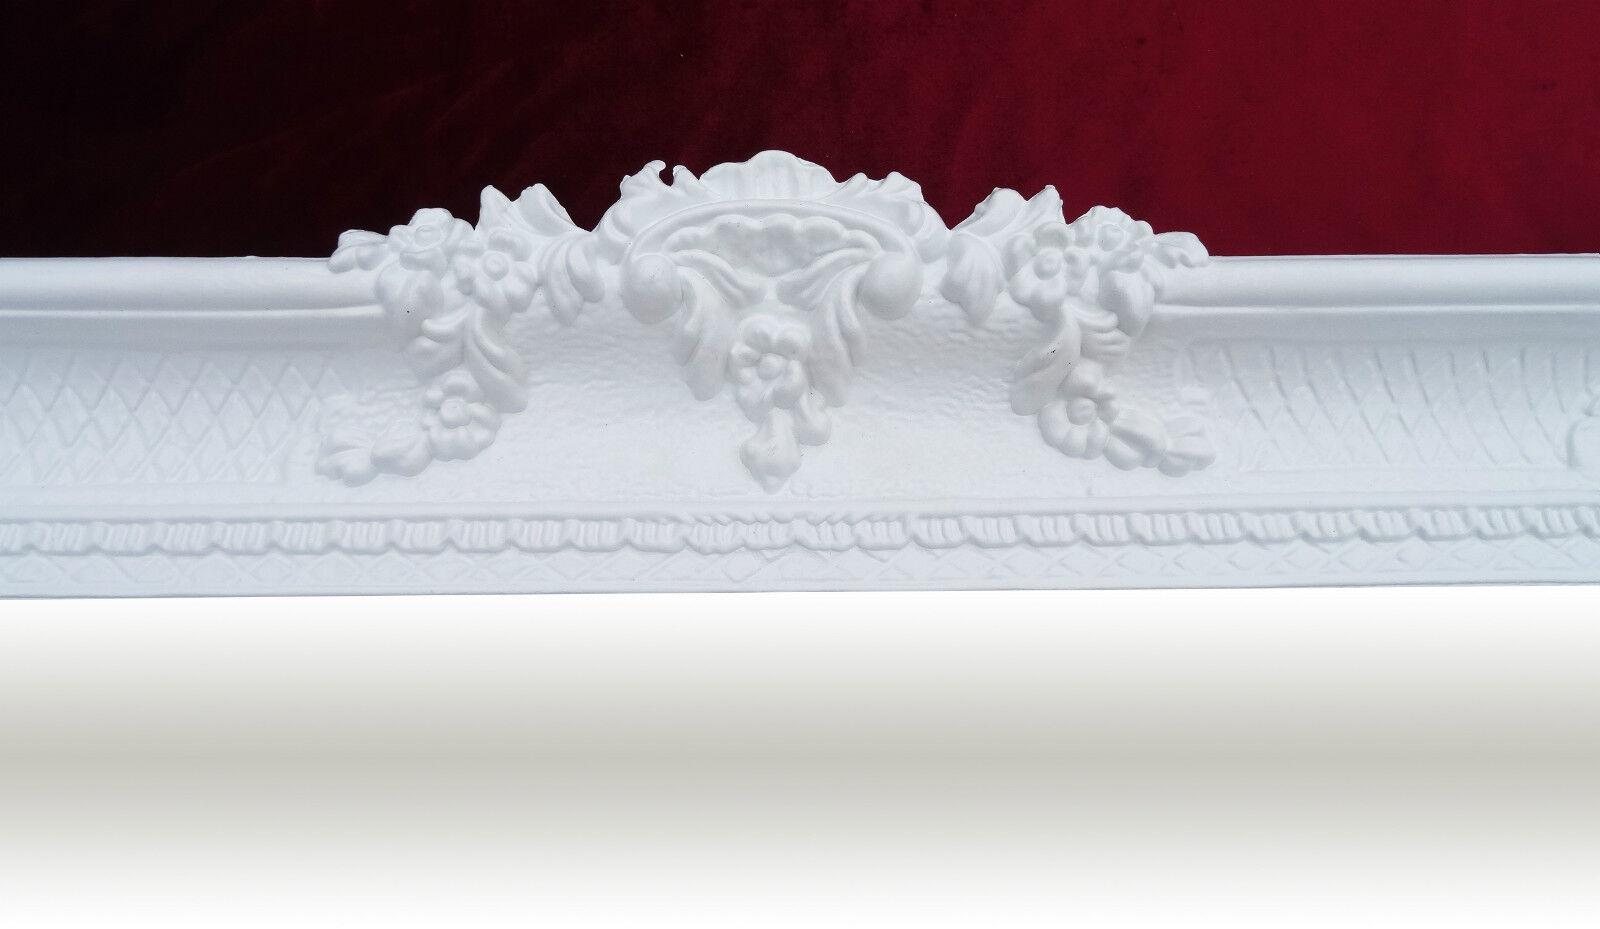 Xxl Xxl Xxl miroir mural blanc 96x57 Antique Baroque shabby chic flurspiegel MIROIR DE MAQUILLAGE 0f8634